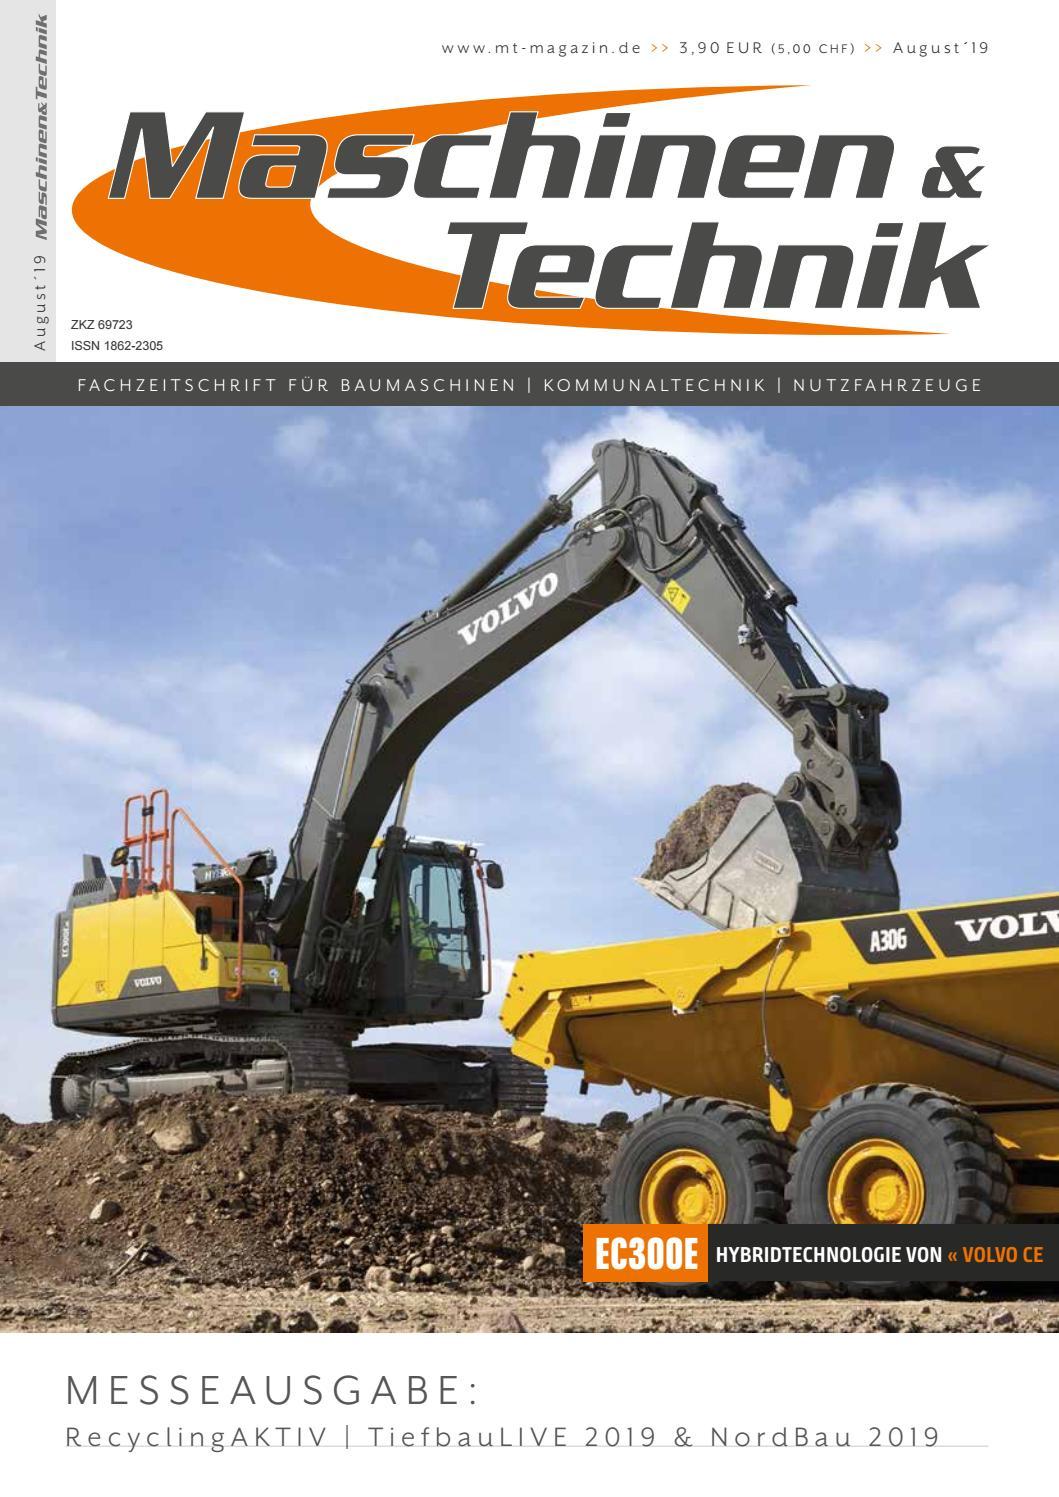 Maschinen & Technik | August 2019 by TB Verlag issuu